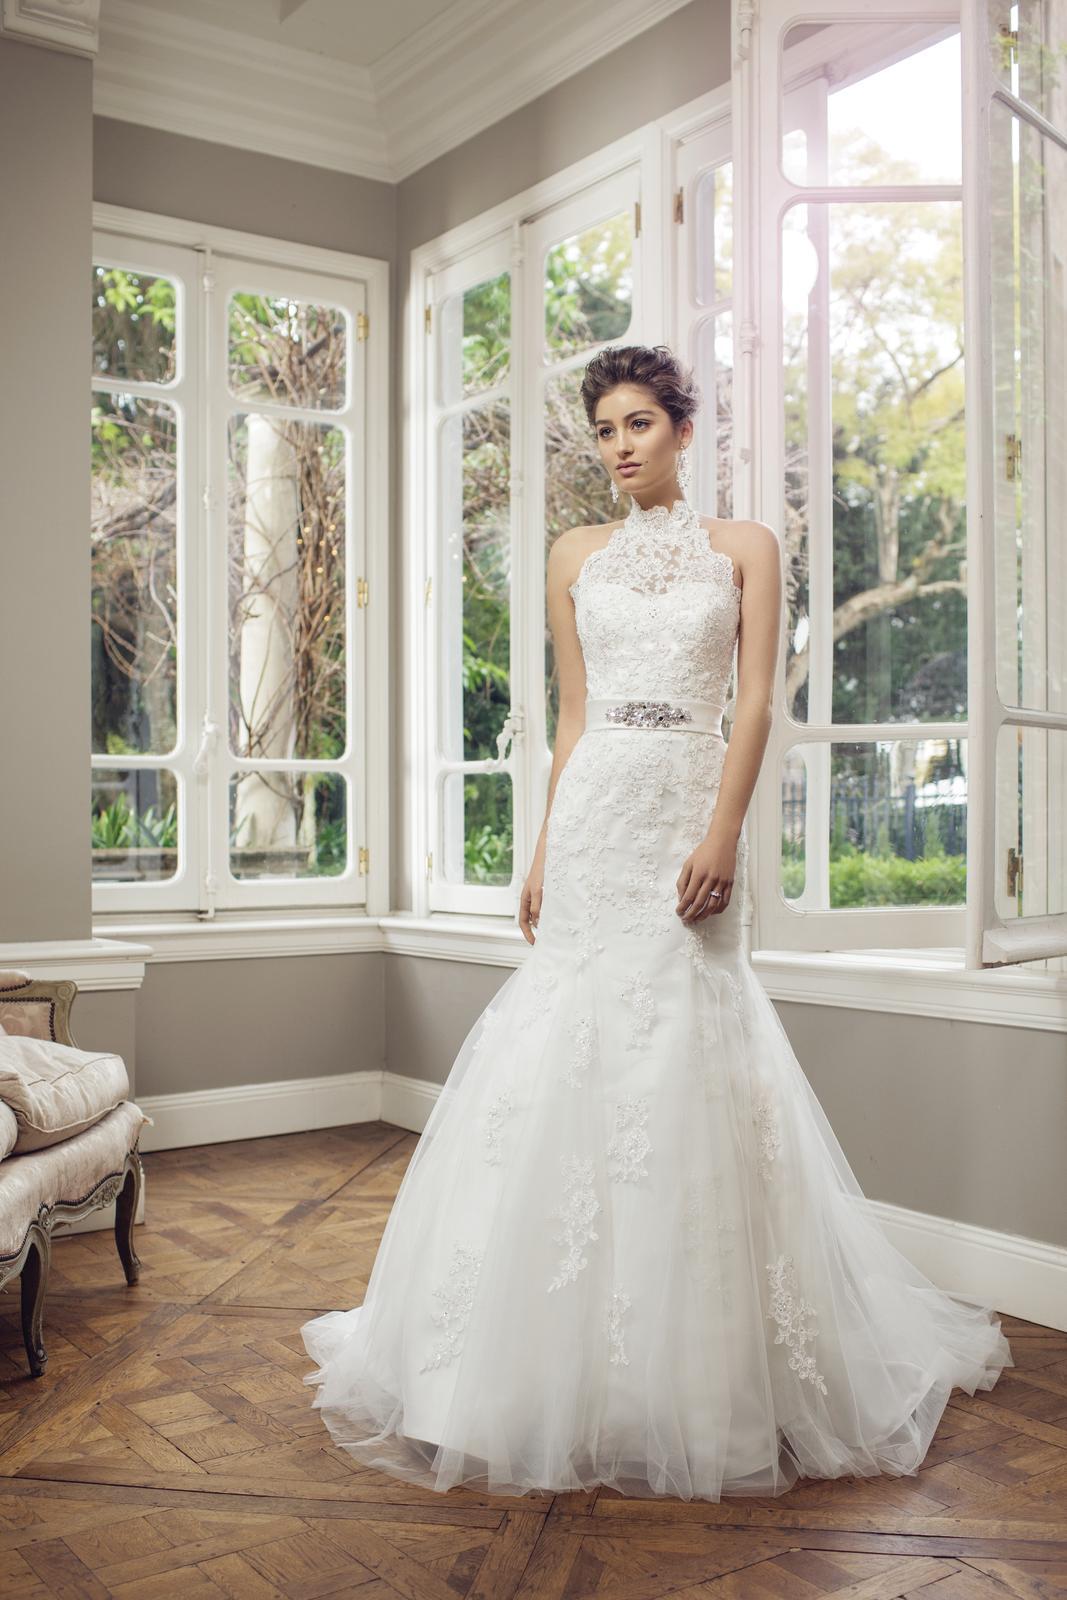 Svatební šaty Mia Solano M1421L - Obrázek č. 1